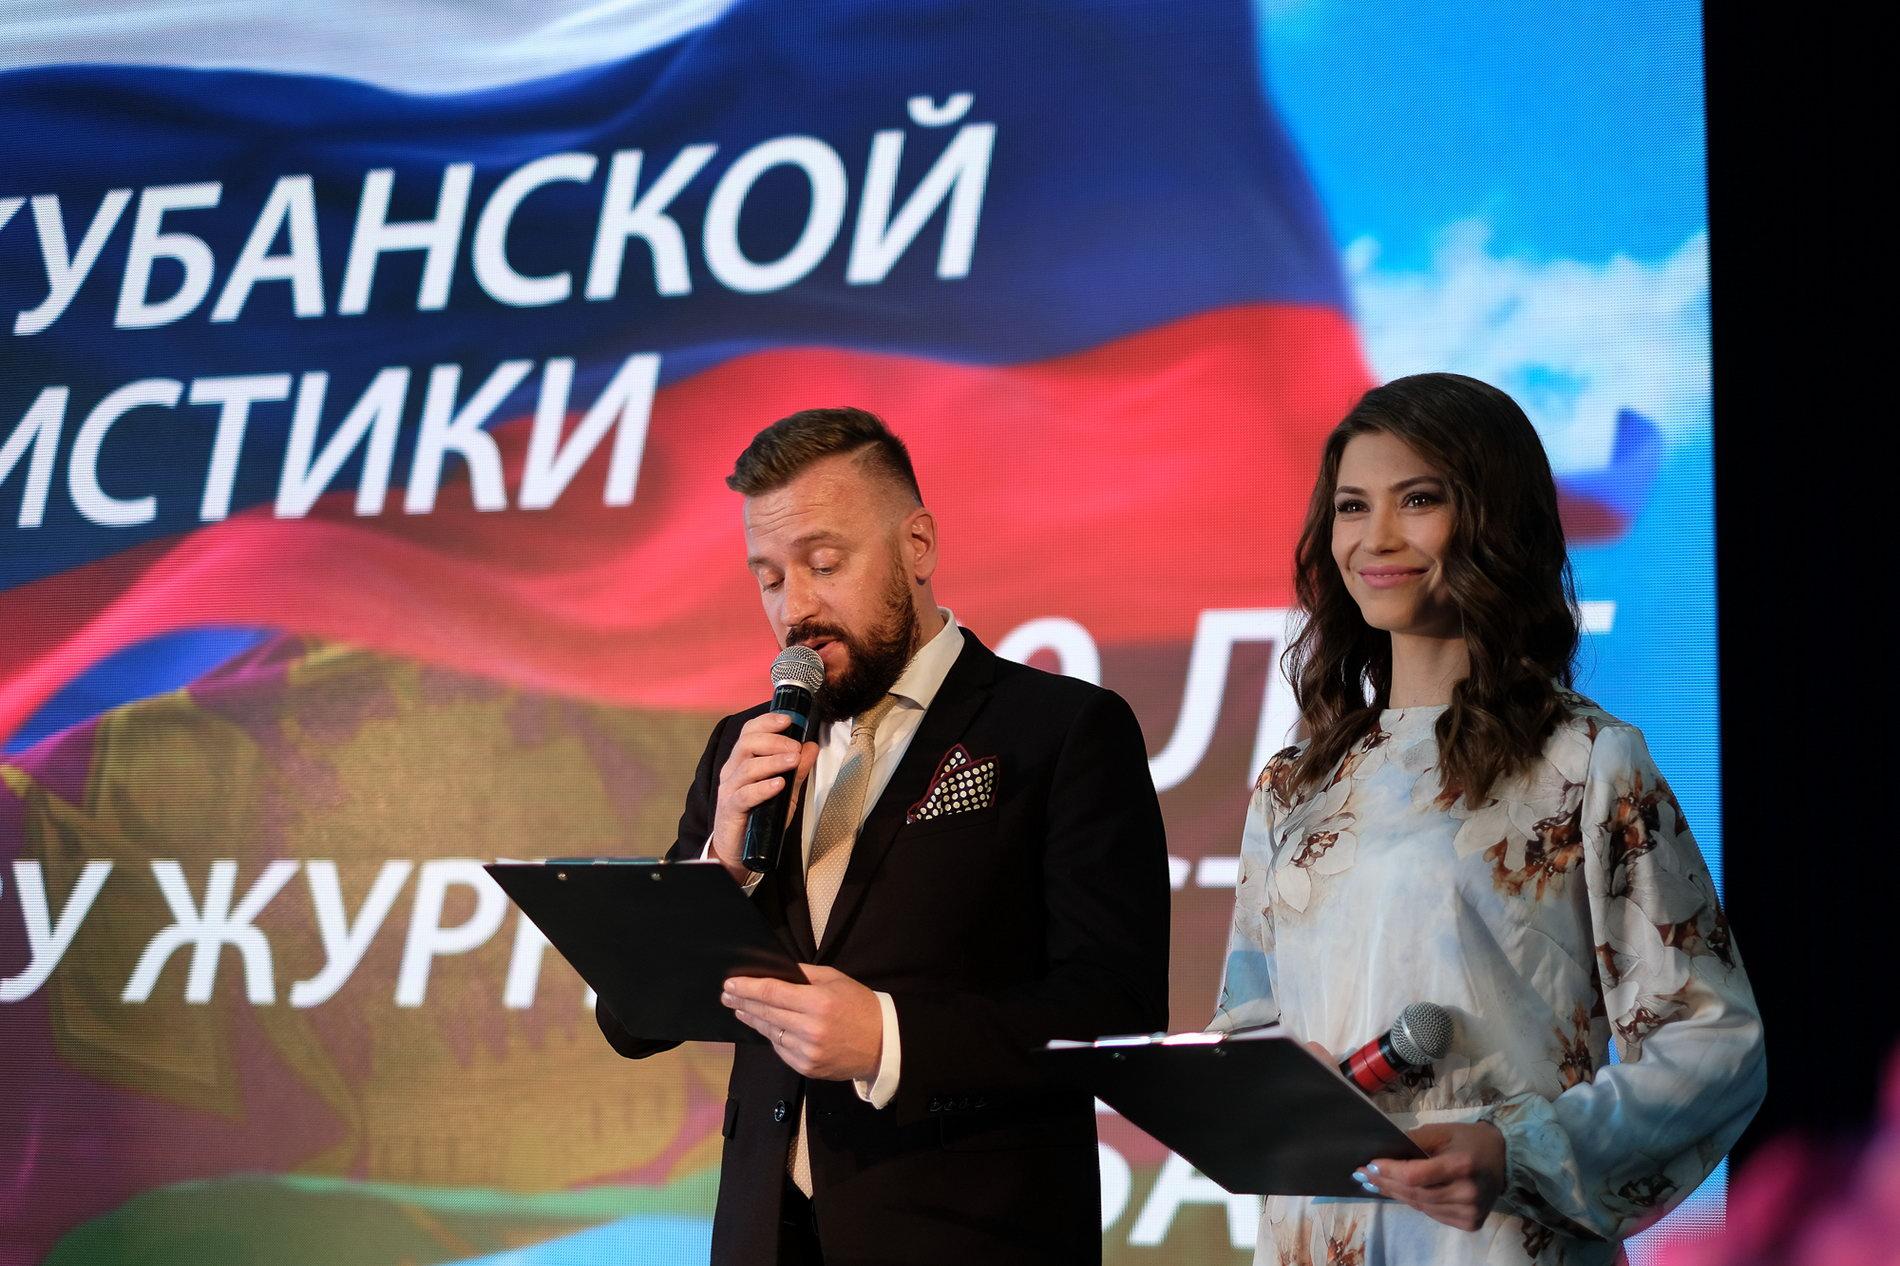 Nikolai_khizhniak-20